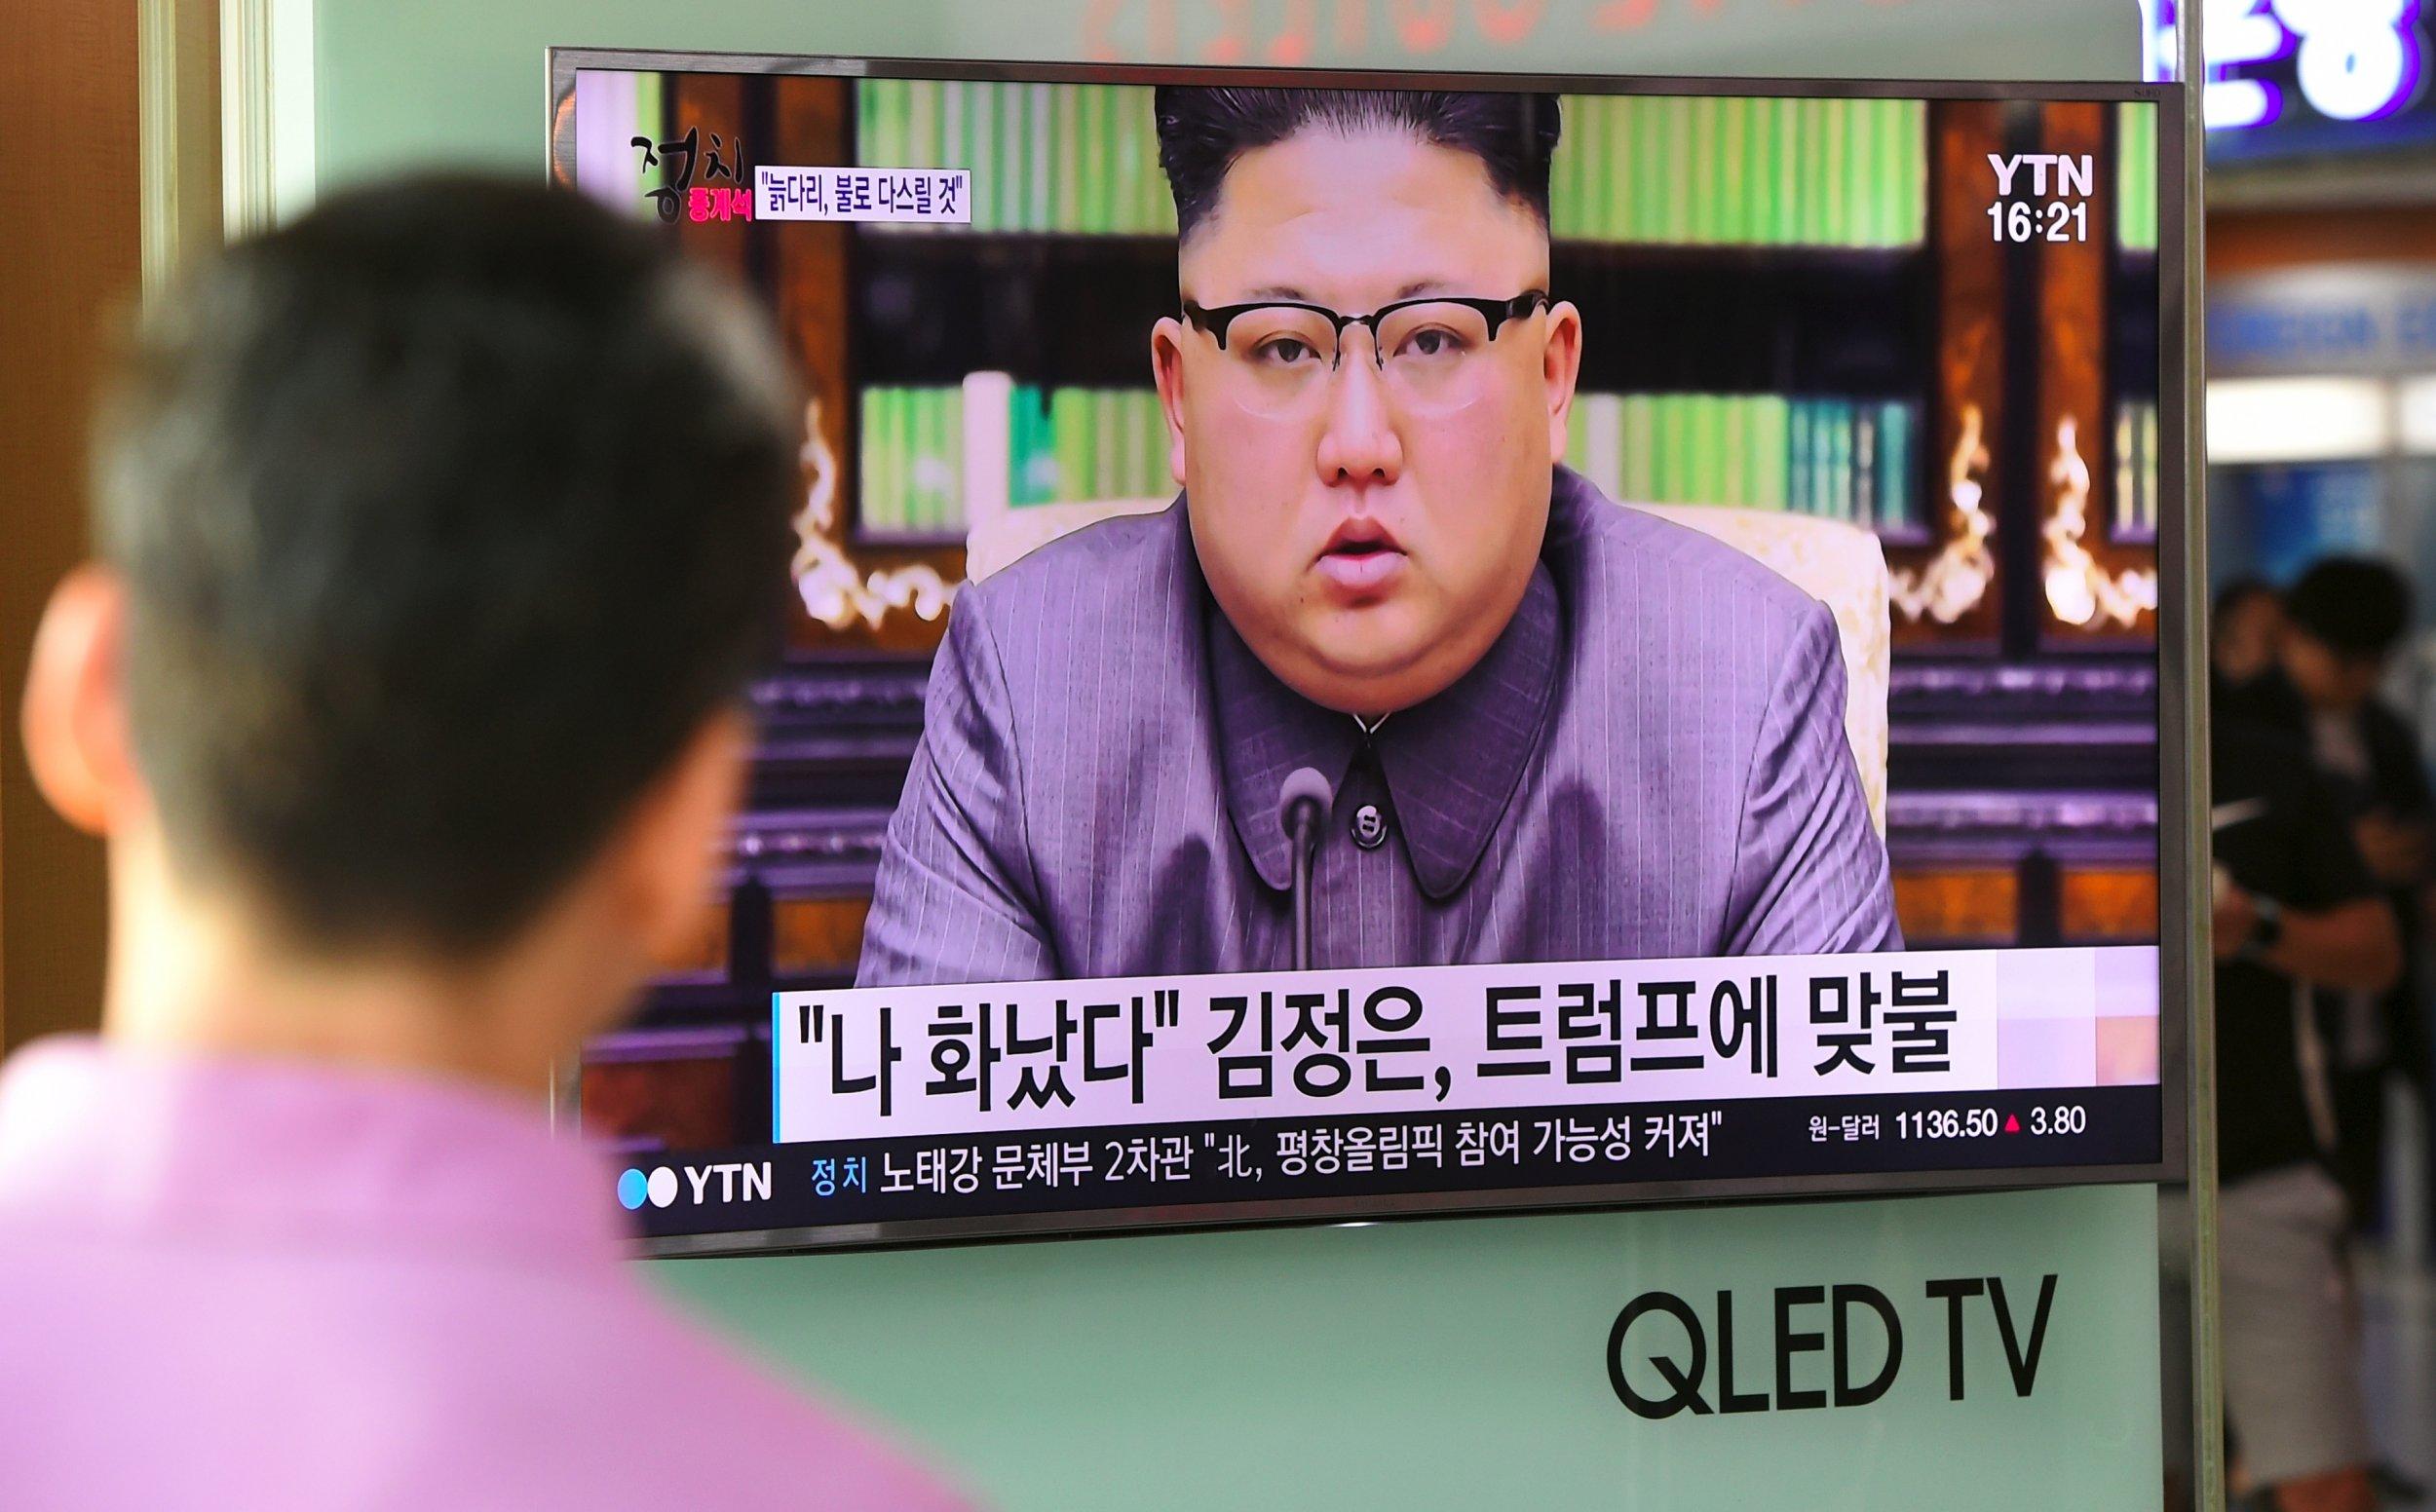 11_01_Kim_Jong_Un_defector_strike_South_Korea